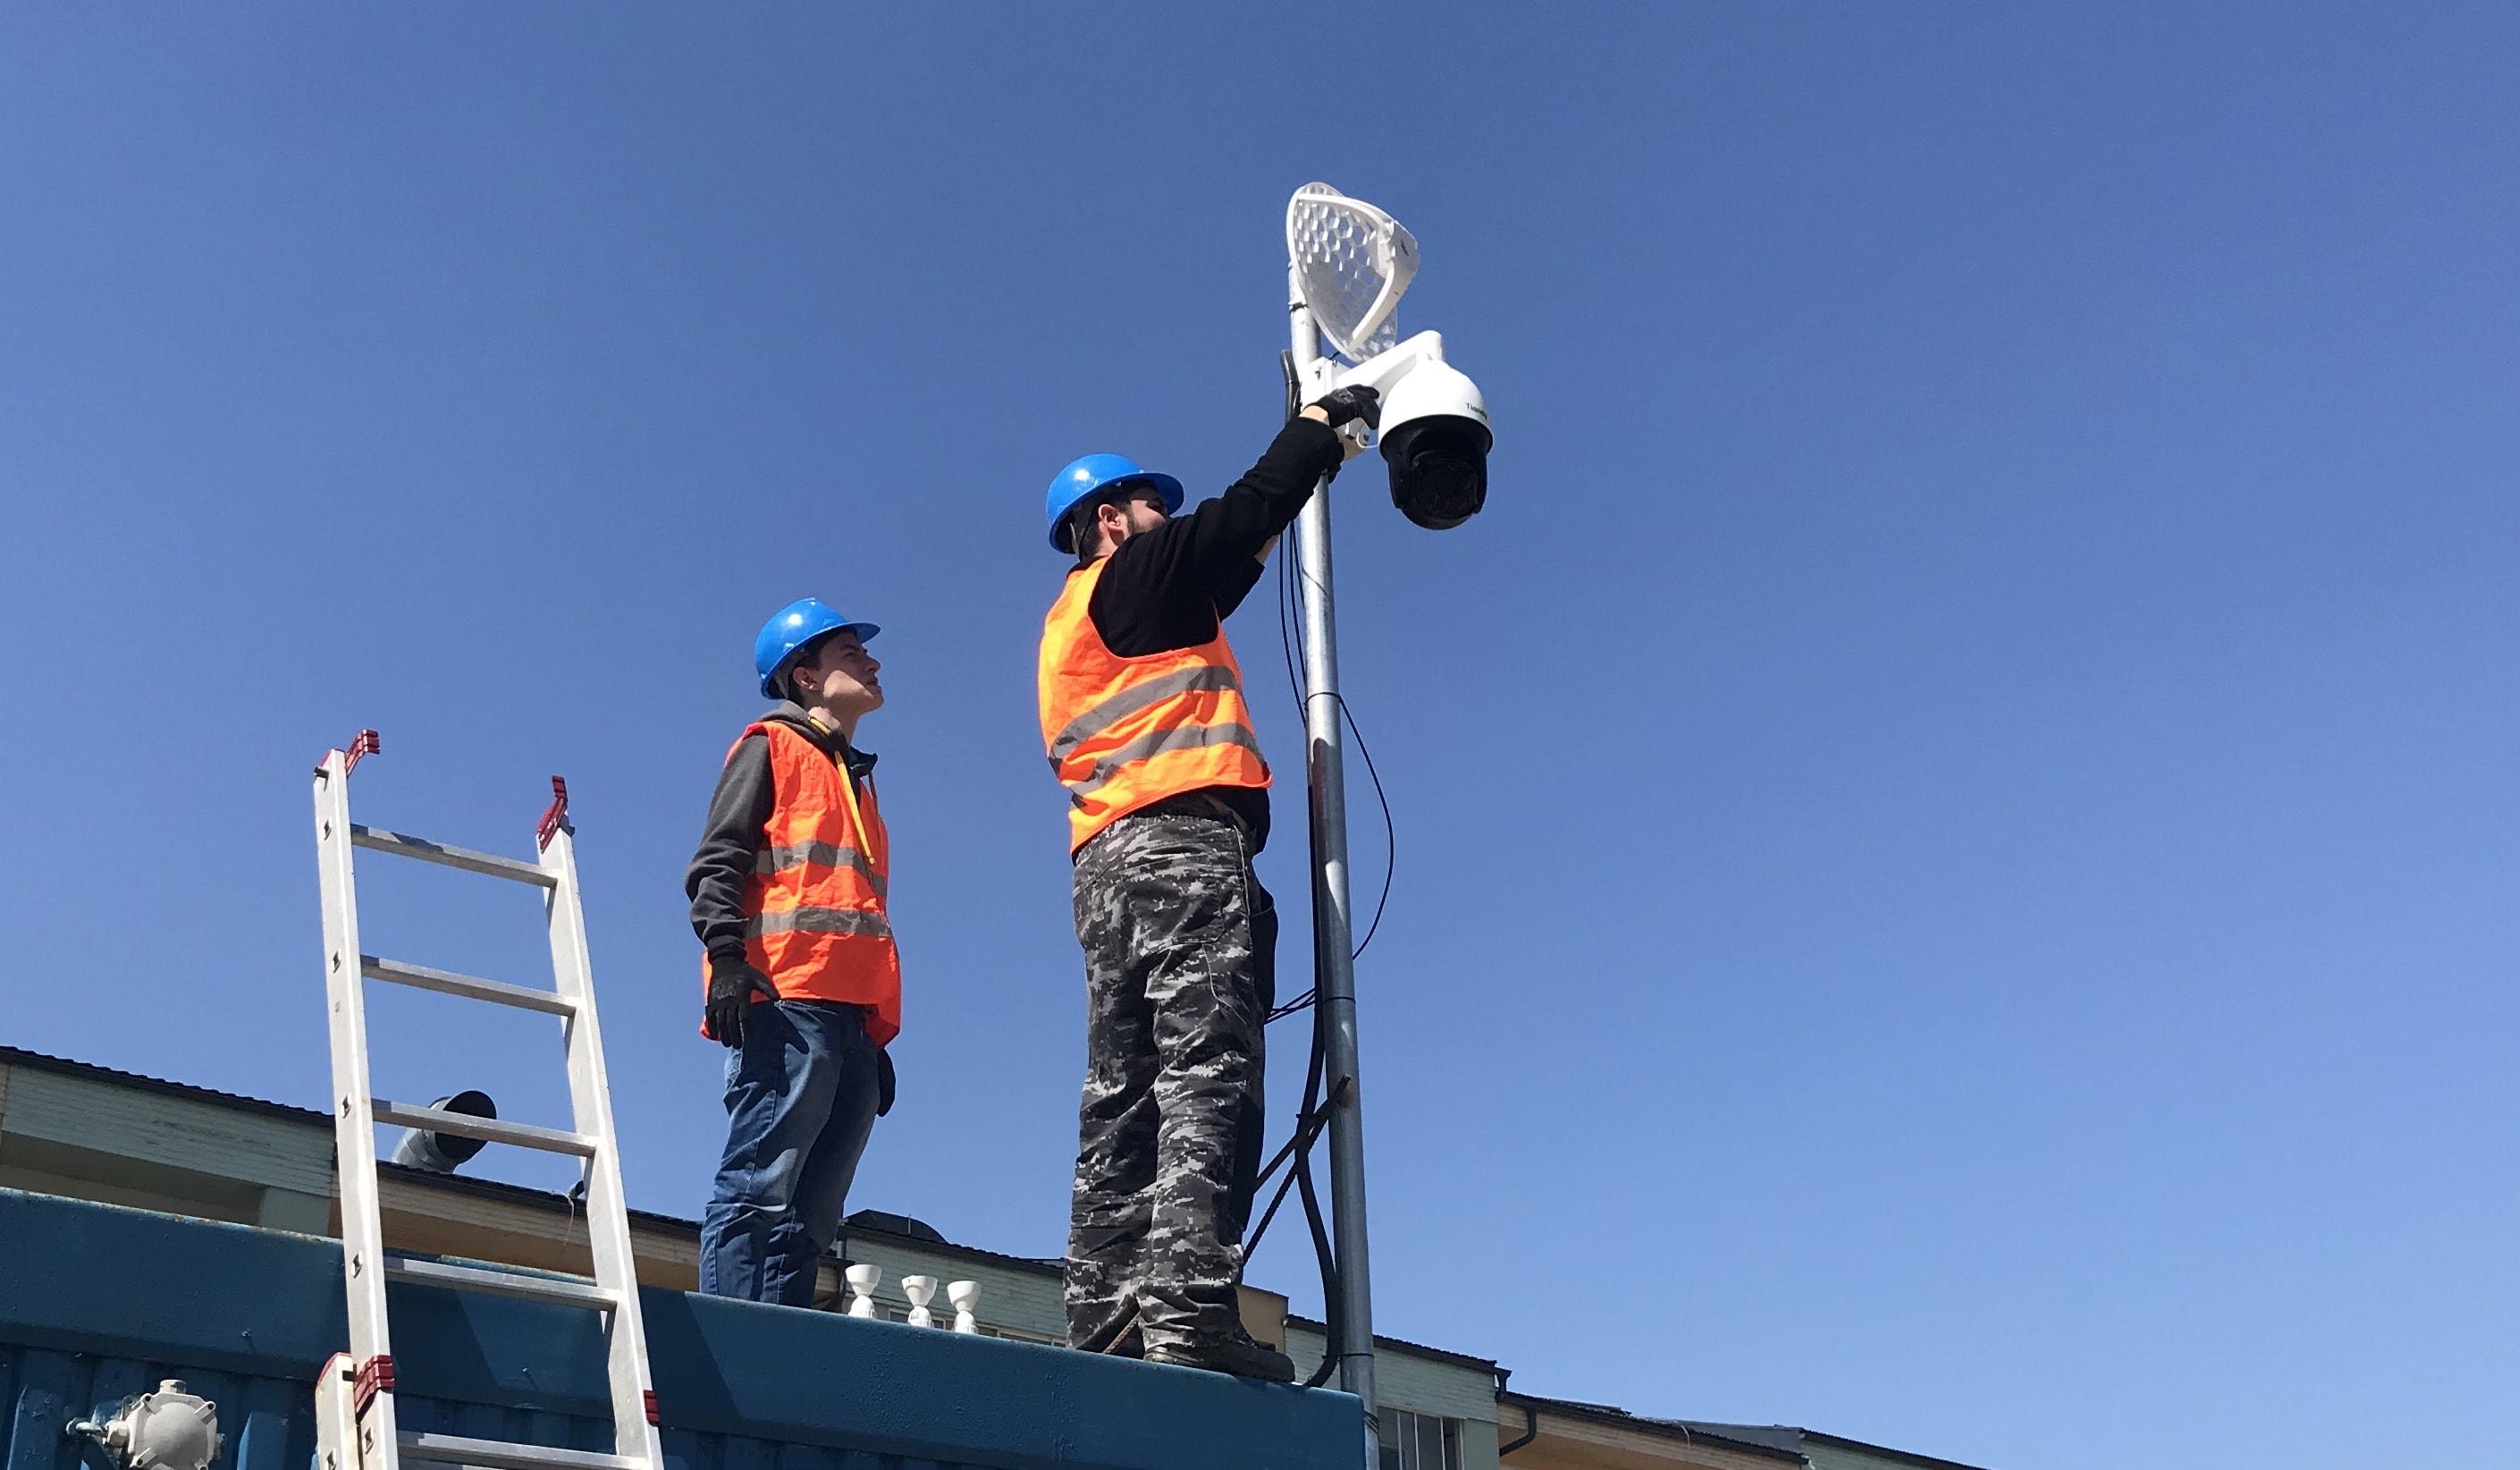 Kontrola staveniska pomocou kamerového systému! / Mobilná PTZ kamera pripojená pomocou LTE routra.